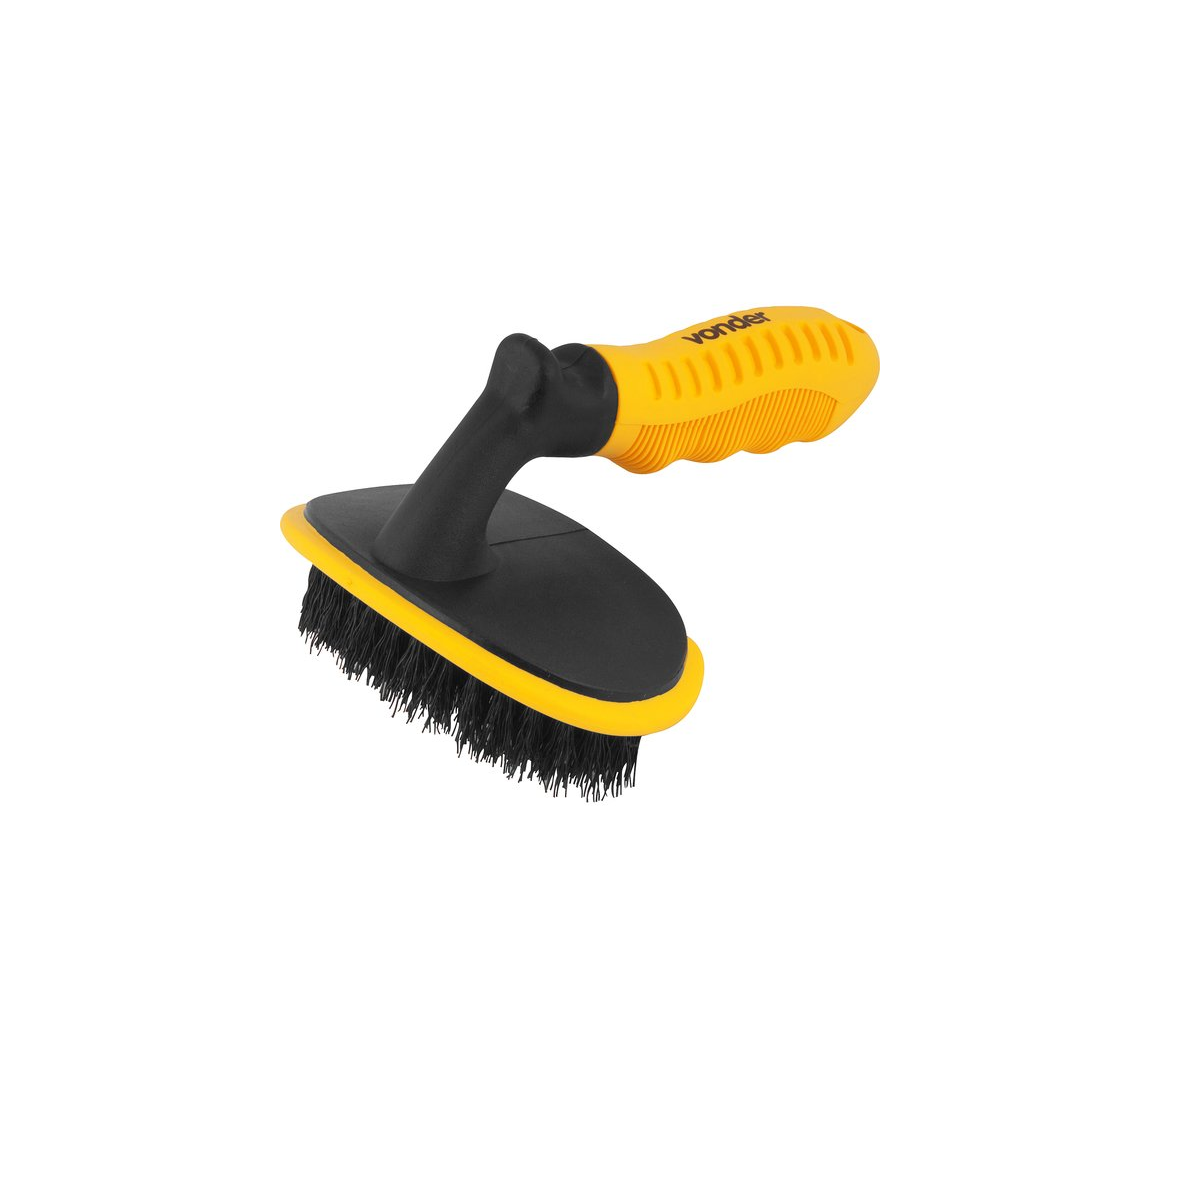 Escova para limpeza de pneus VONDER